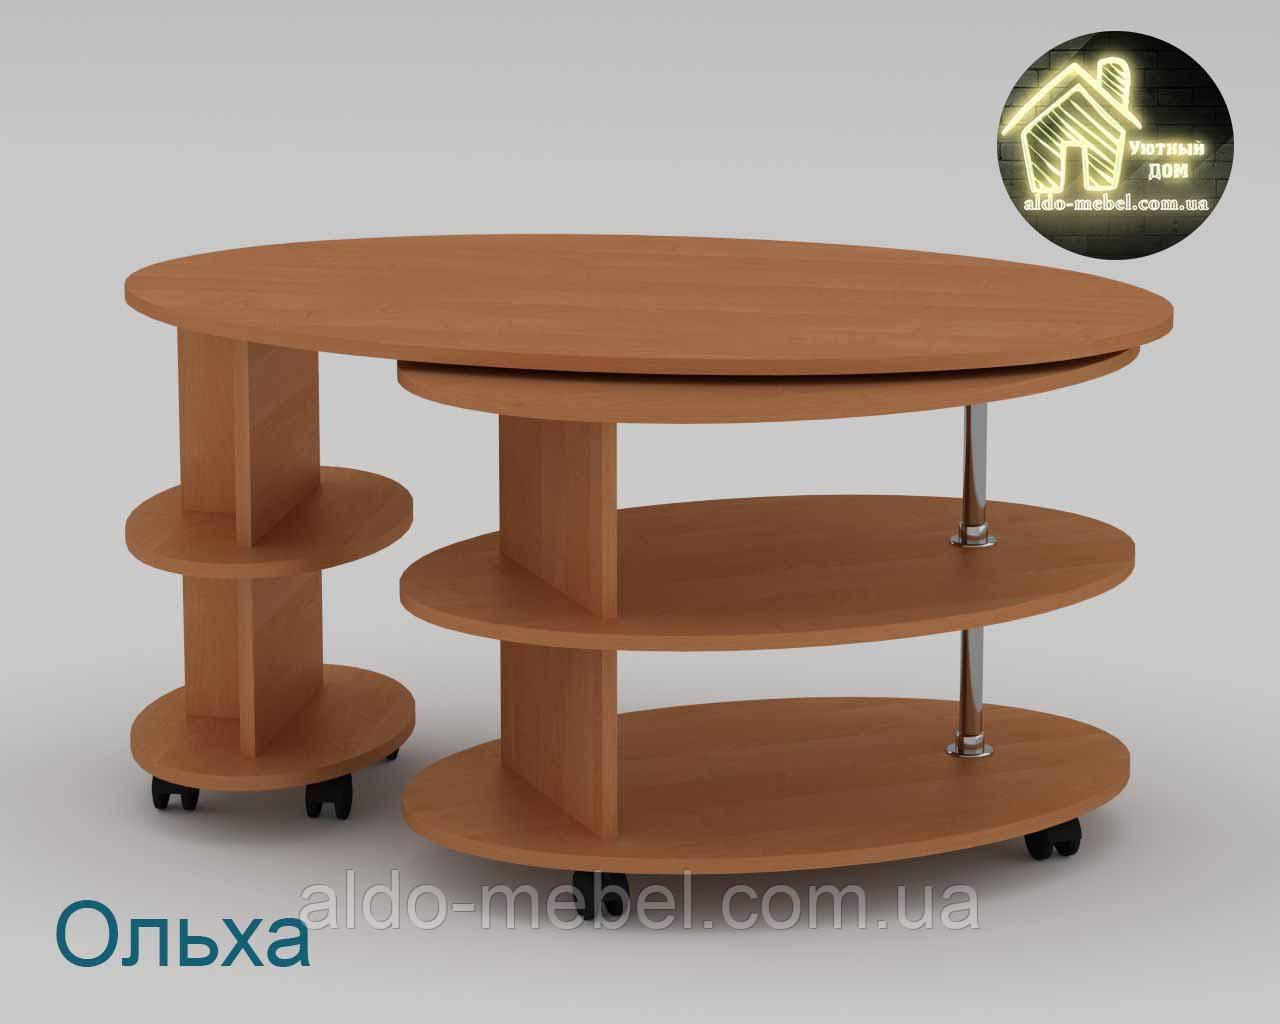 Стол журнальный Вальс (Торцовка пластик) Габариты Ш - 1120 мм; В - 560 мм; Г - 640 мм (Компанит)